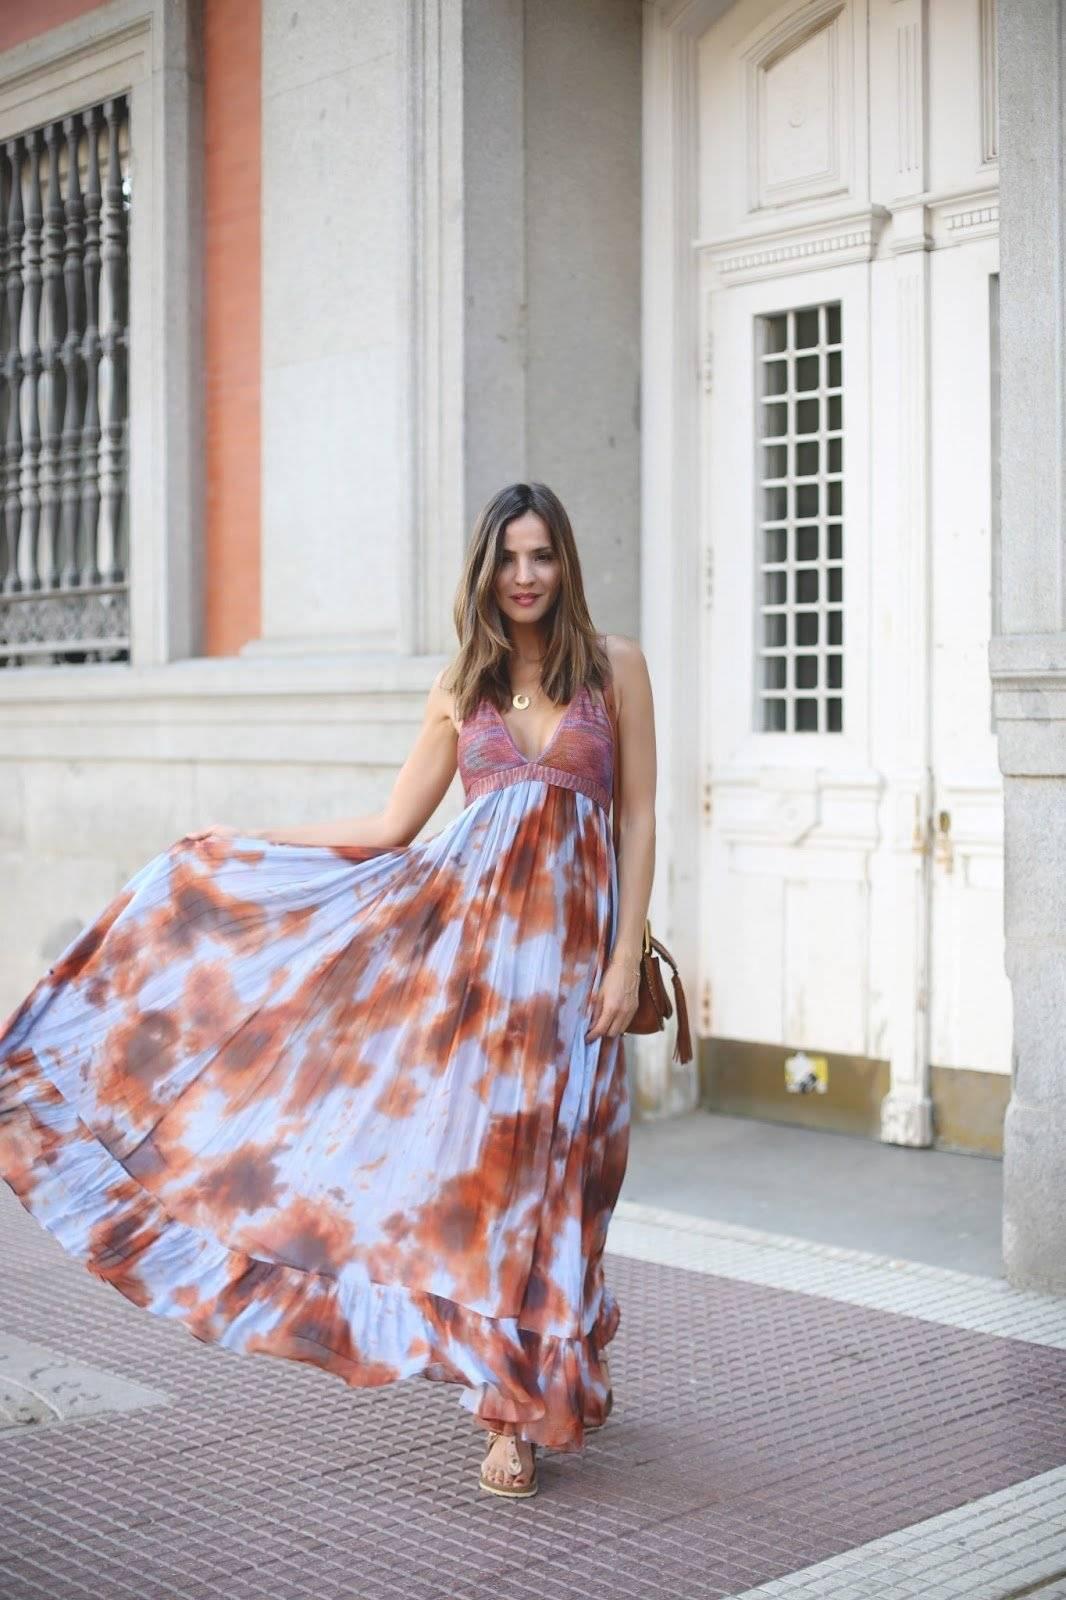 Греческие свадебные платья 2020: фото моделей и тенденций стиля